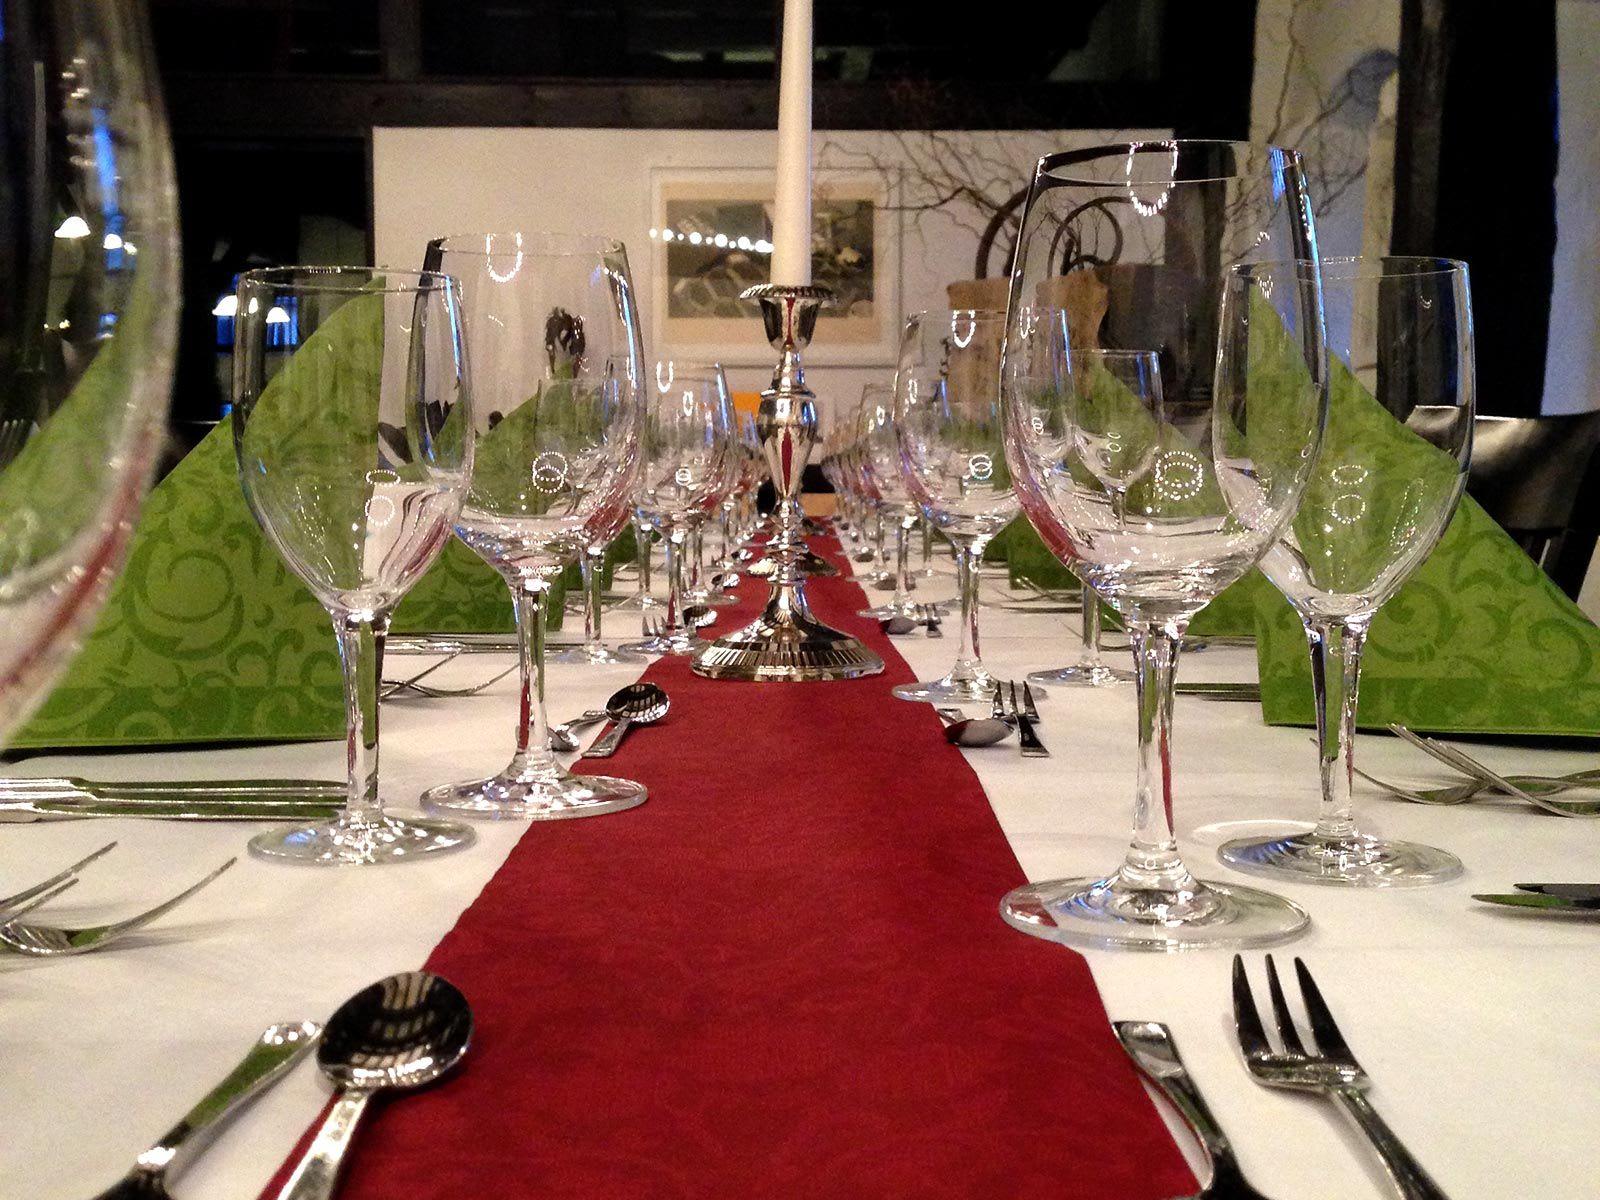 Dekorierter Tisch Gläser Kerze rot grün